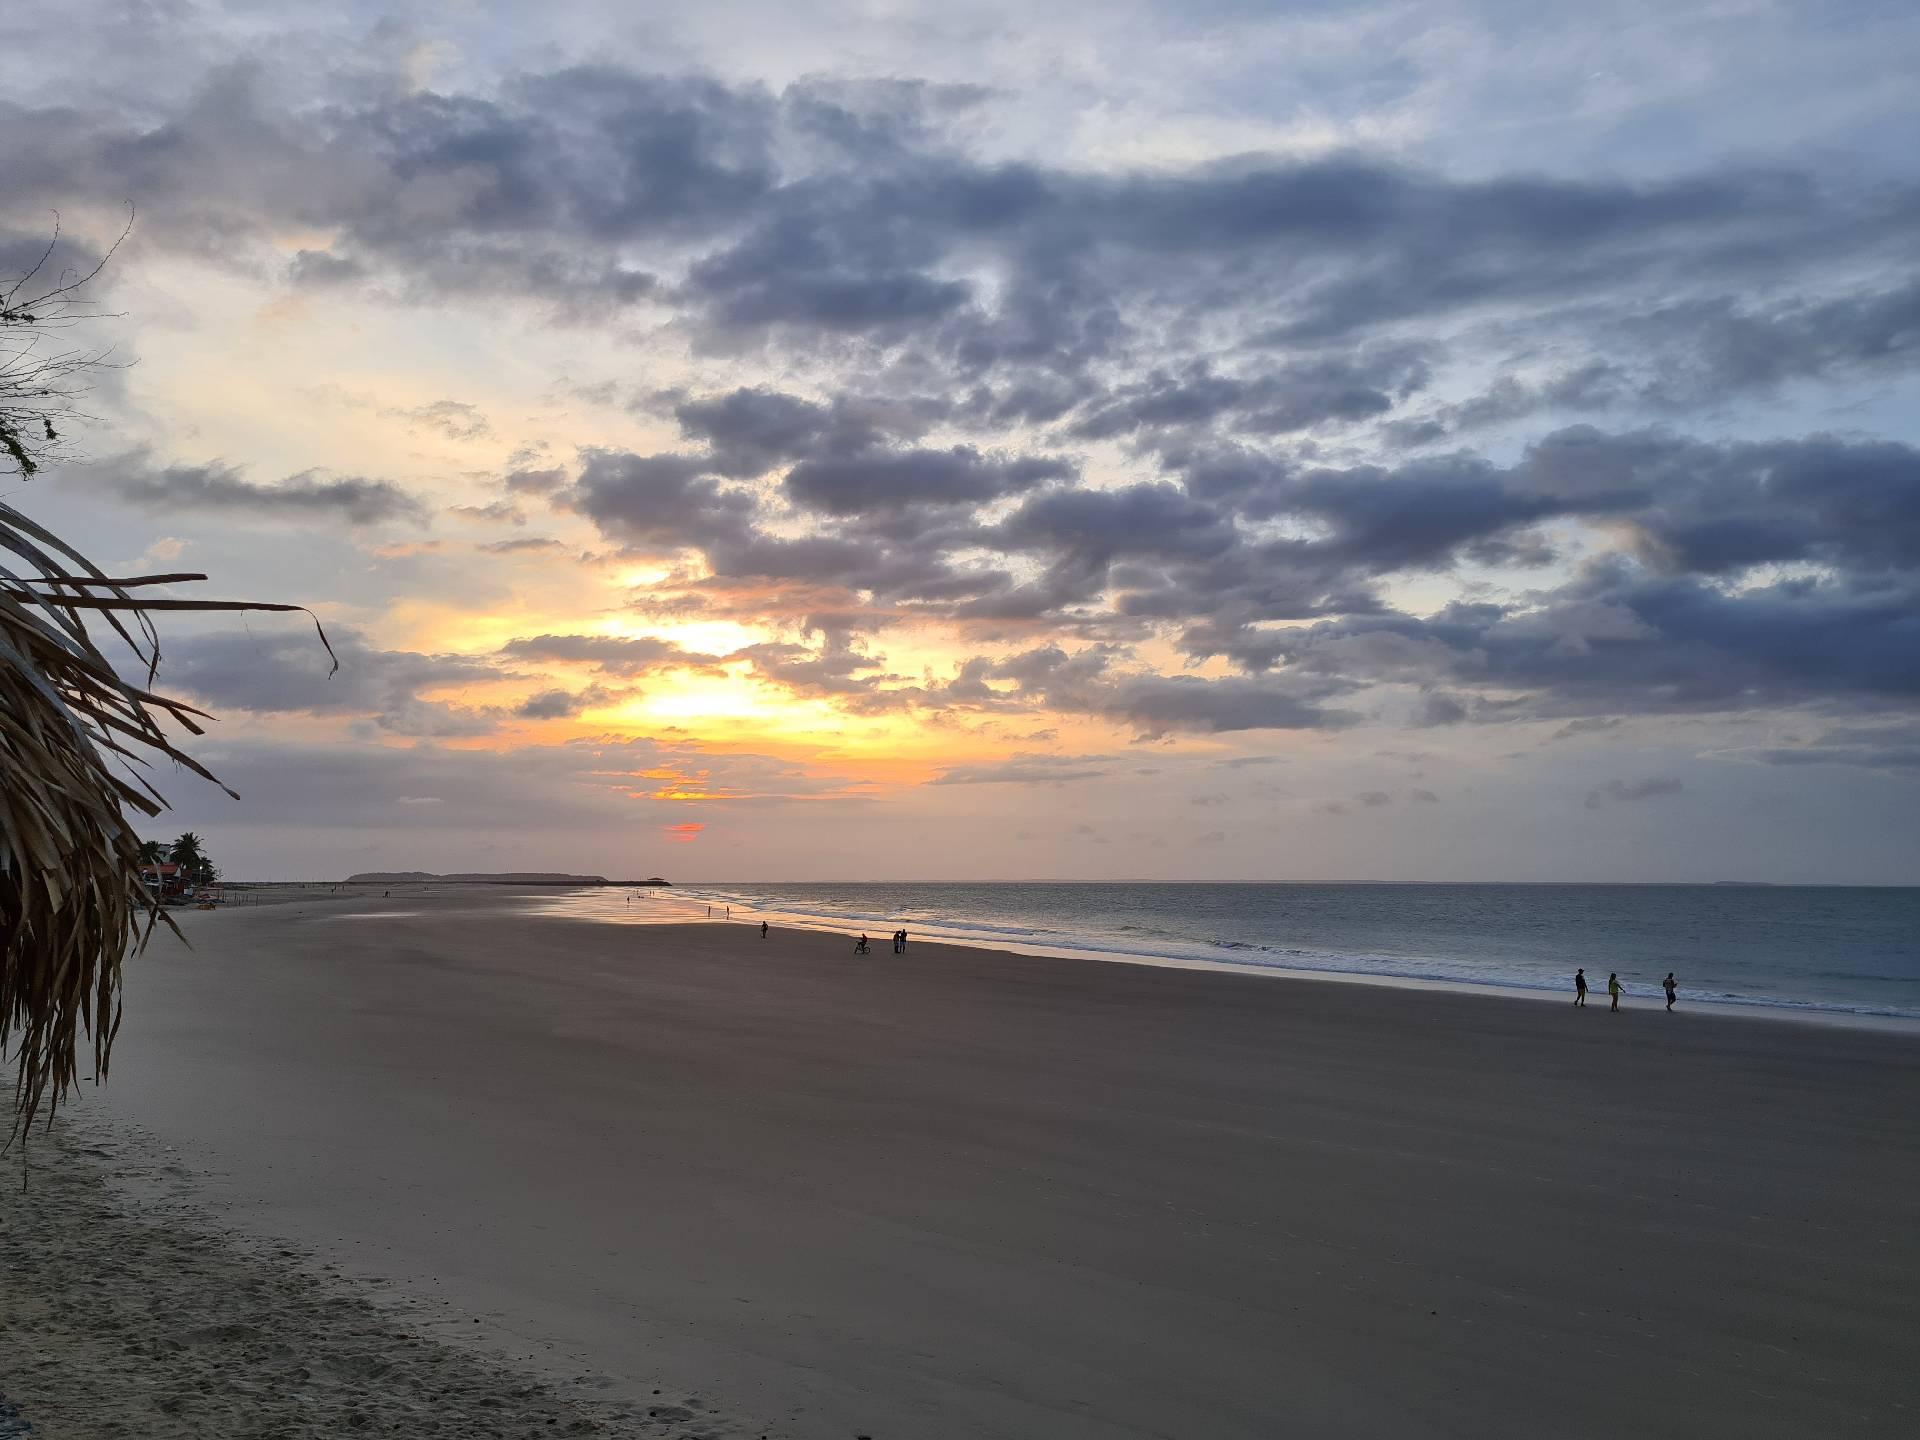 закат на пляже в Сан-Луисе